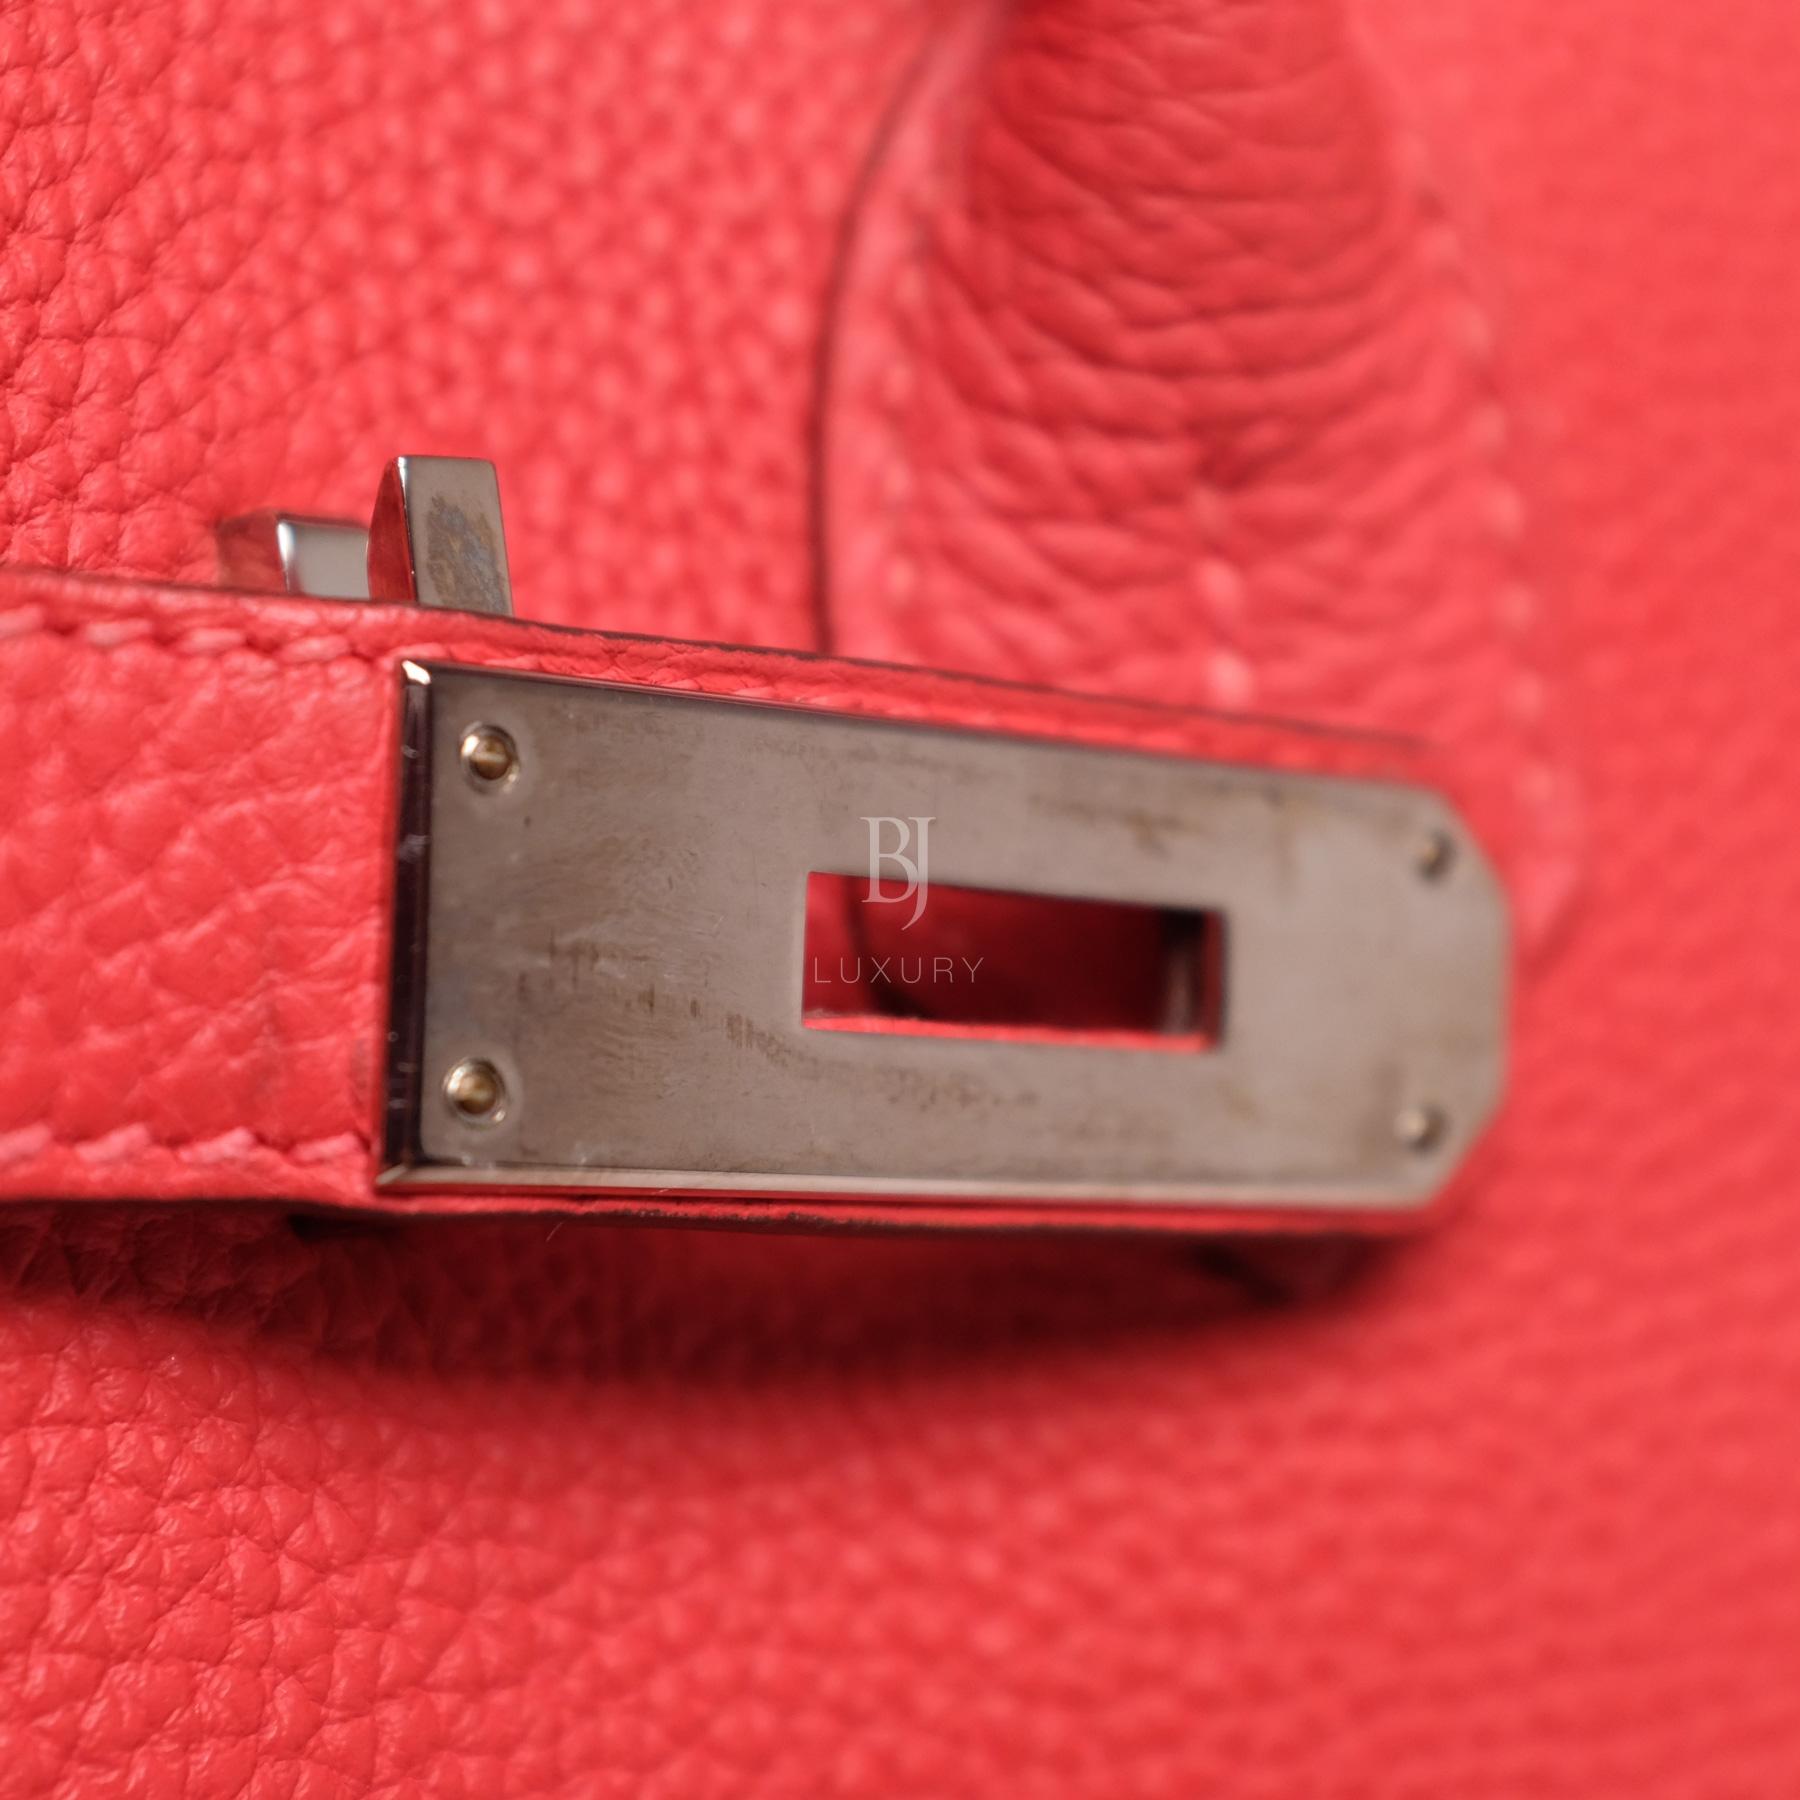 Hermes Birkin 30 Rougue Pivoine Togo Palladium BJ Luxury 4.jpg